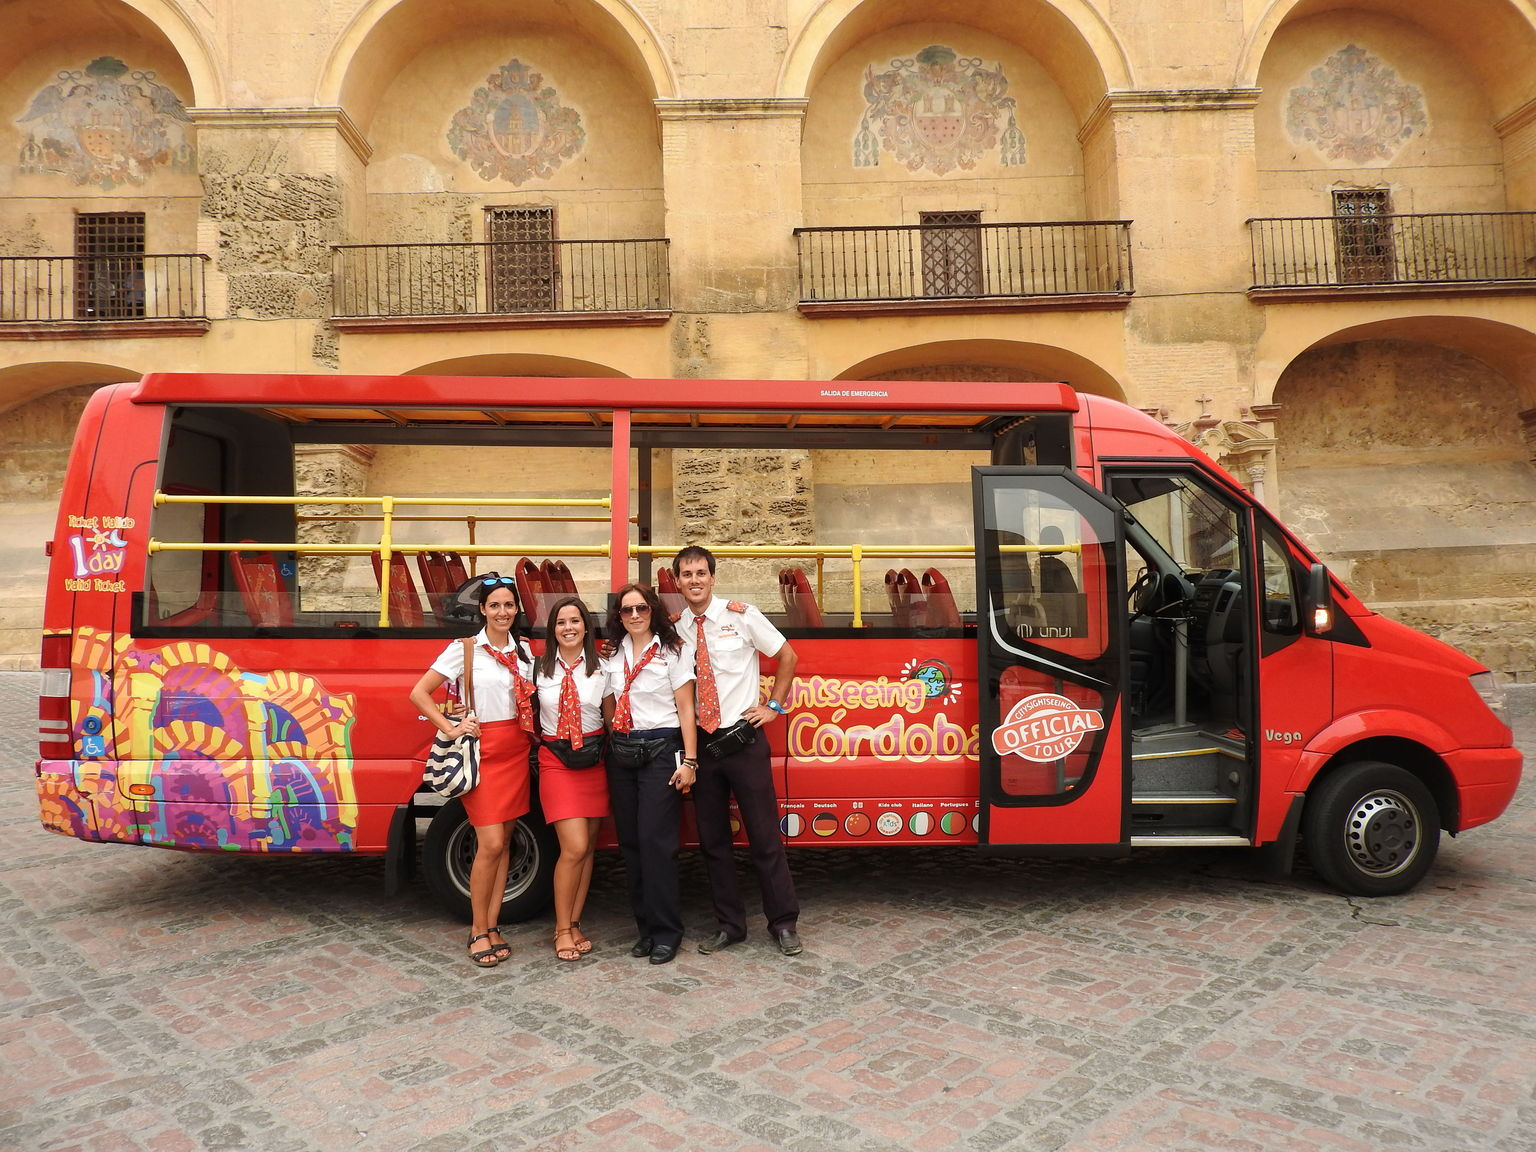 MÁS FOTOS, Recorrido en autobús turístico con paradas libres por la ciudad de Córdoba